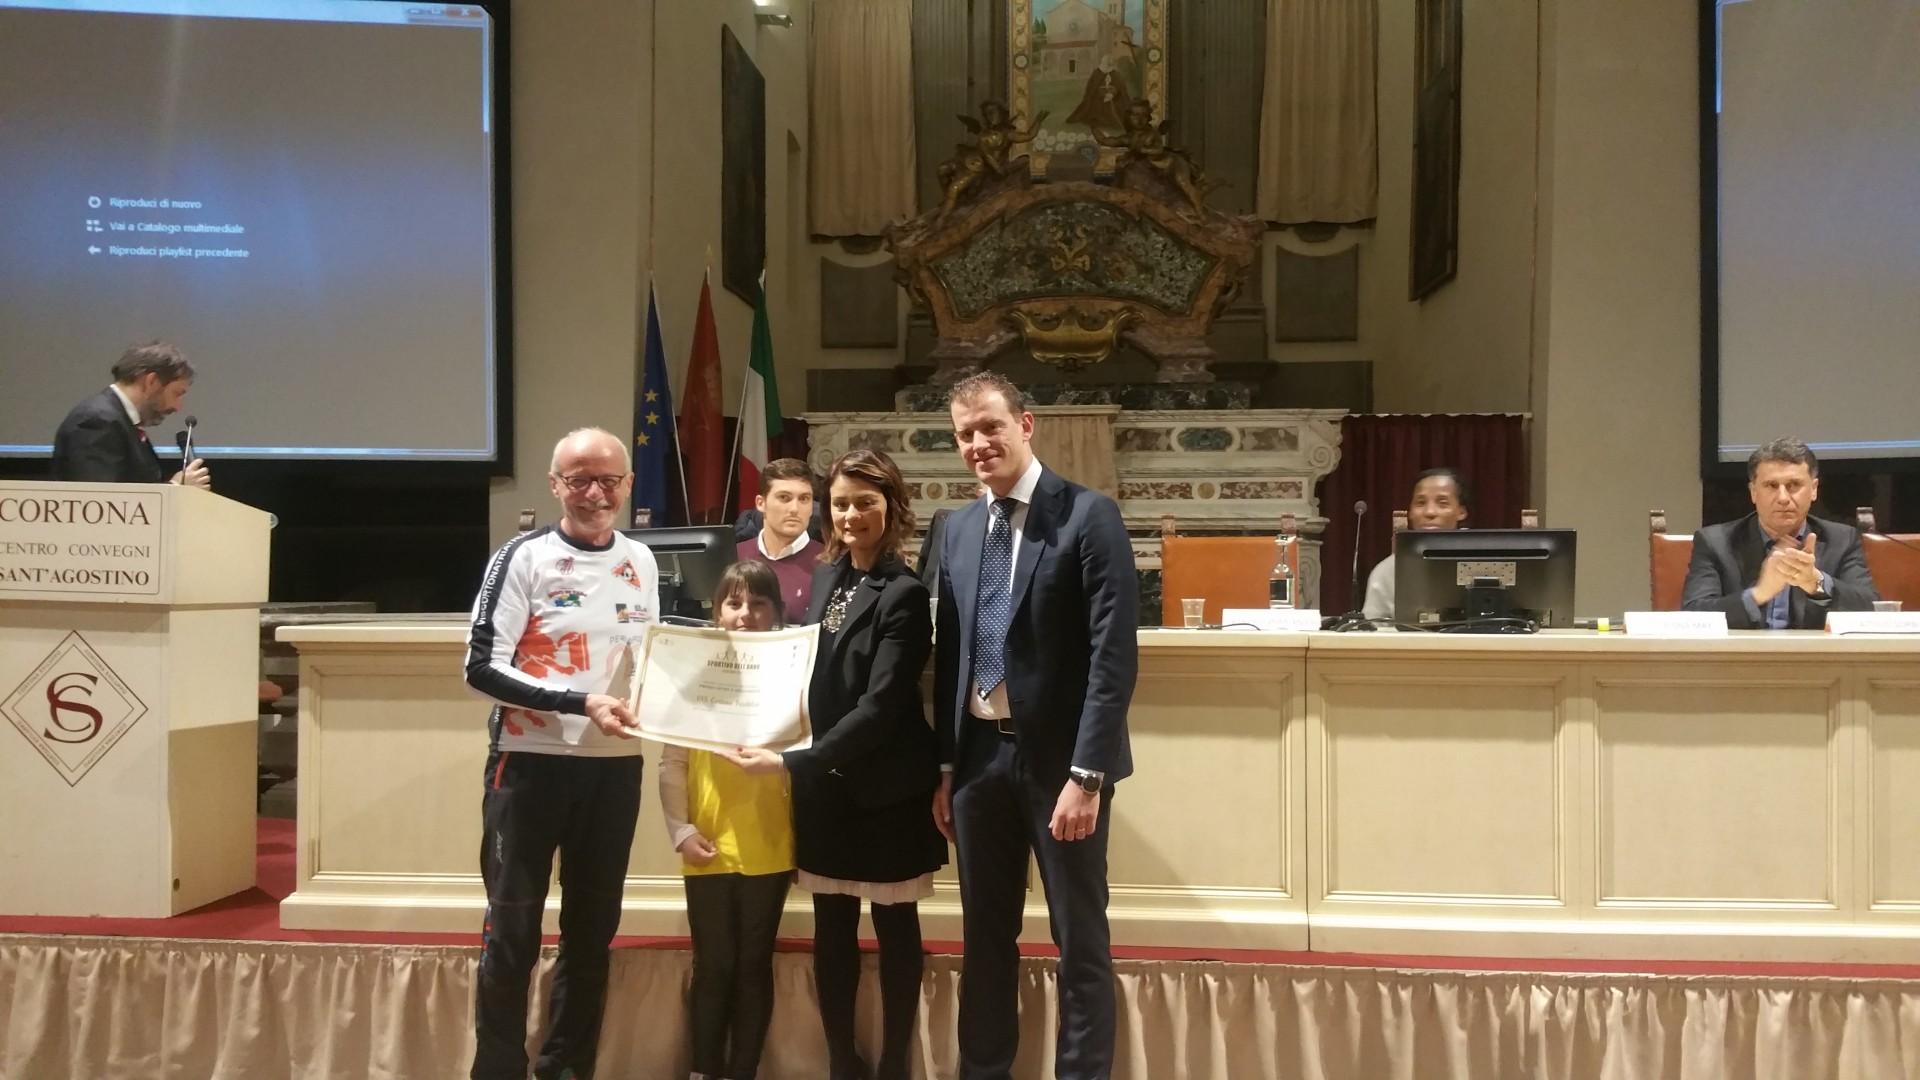 Premio sportivo 2017 città di Cortona - tutte le foto della serata